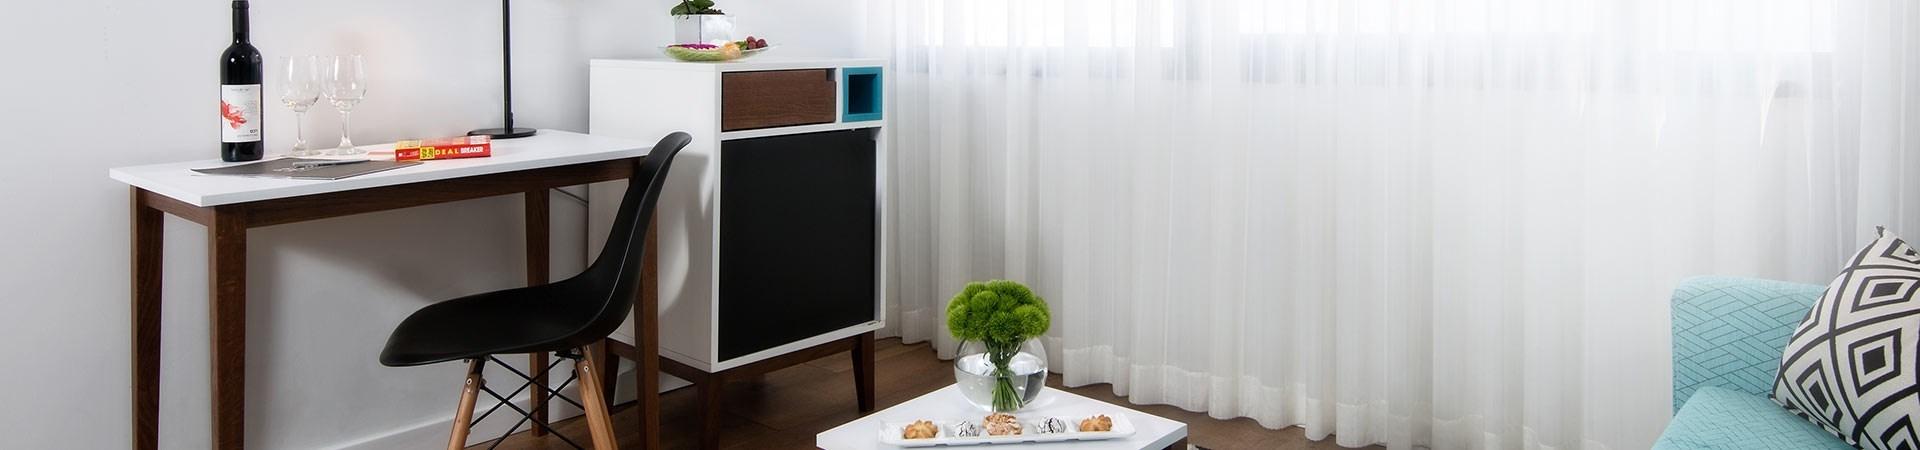 Prima Tel Aviv - Superior Room